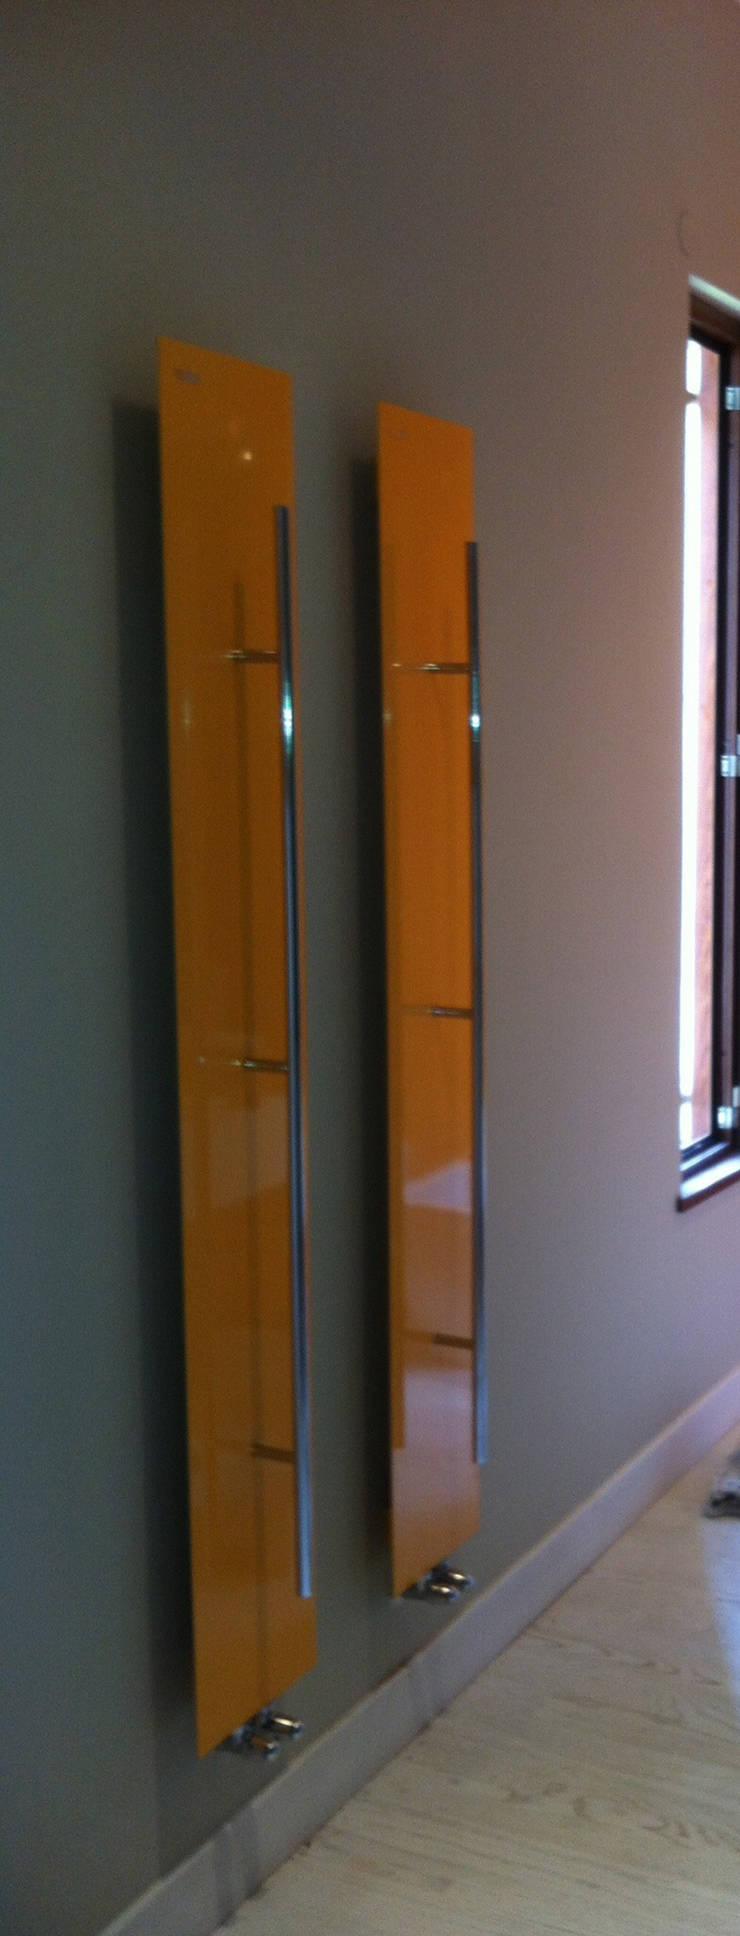 Bathroom by architetto raffaele caruso,